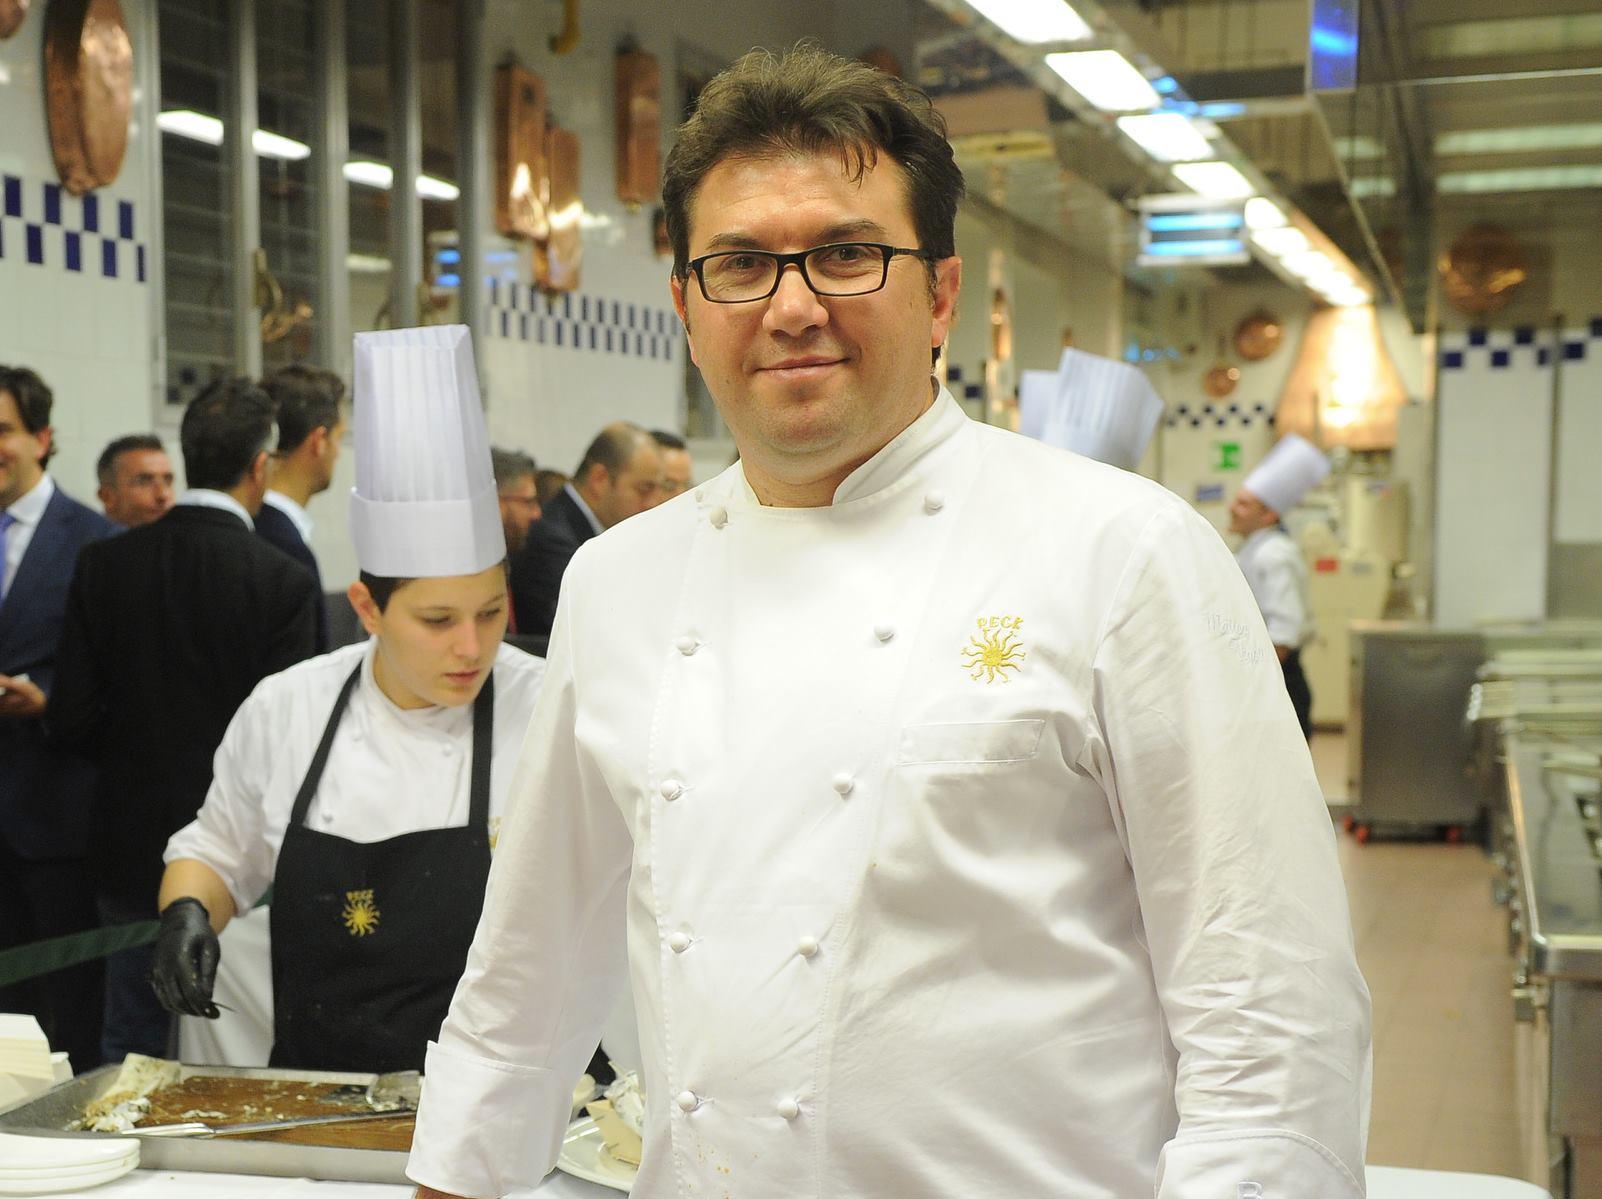 Matteo Vigotti